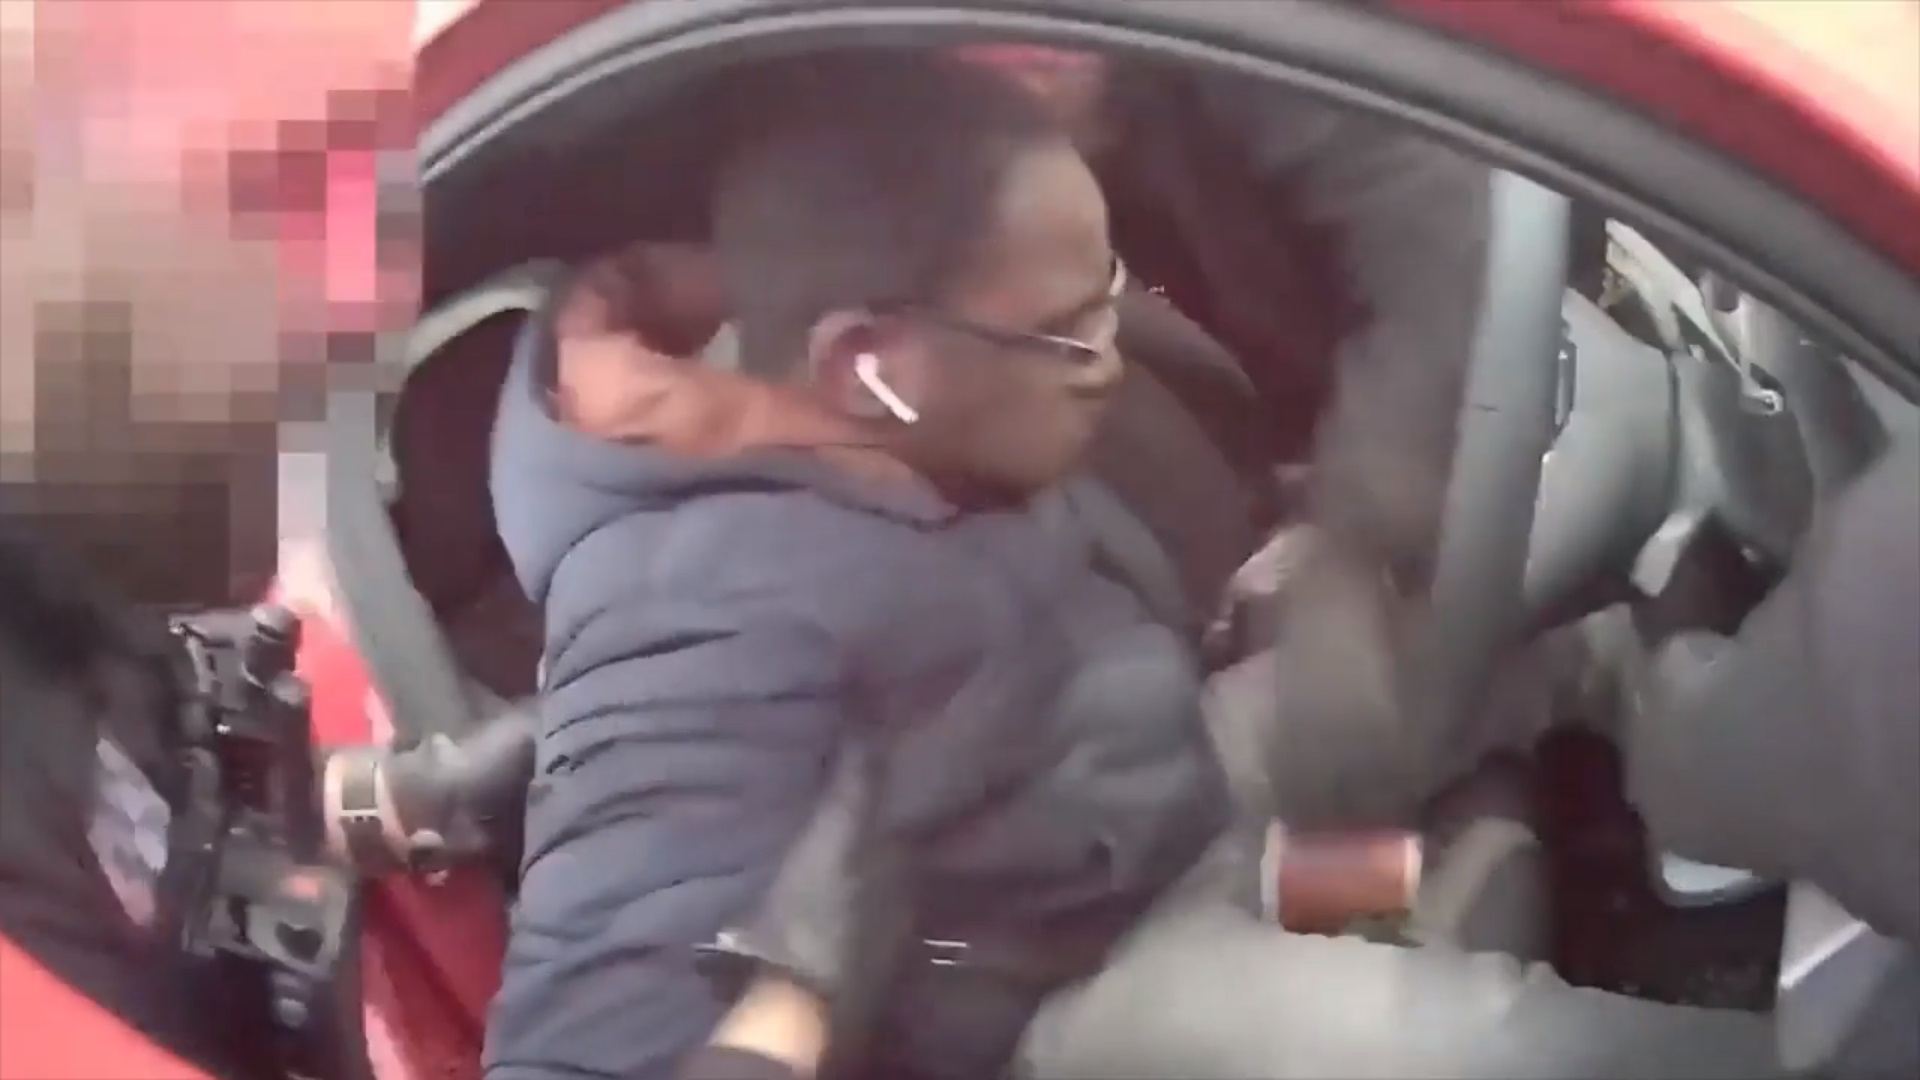 VIDEO. Ce ascundea în gură un șofer oprit în trafic de polițiști. Imaginile fac înconjurul lumii